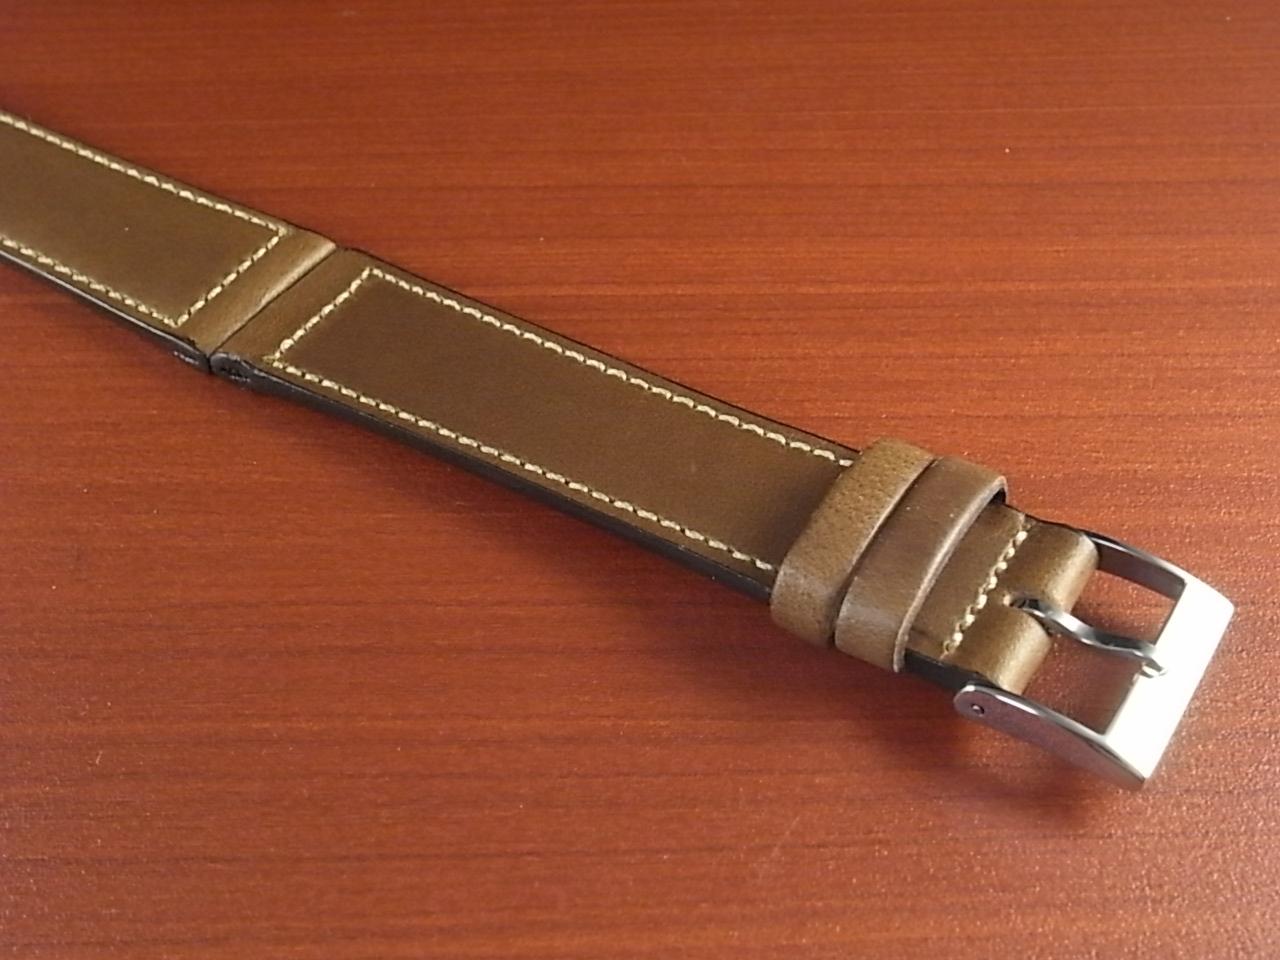 ホーウィン クロムエクセル レギュラー ナチュラル 16、17、18、19、20mmの写真6枚目